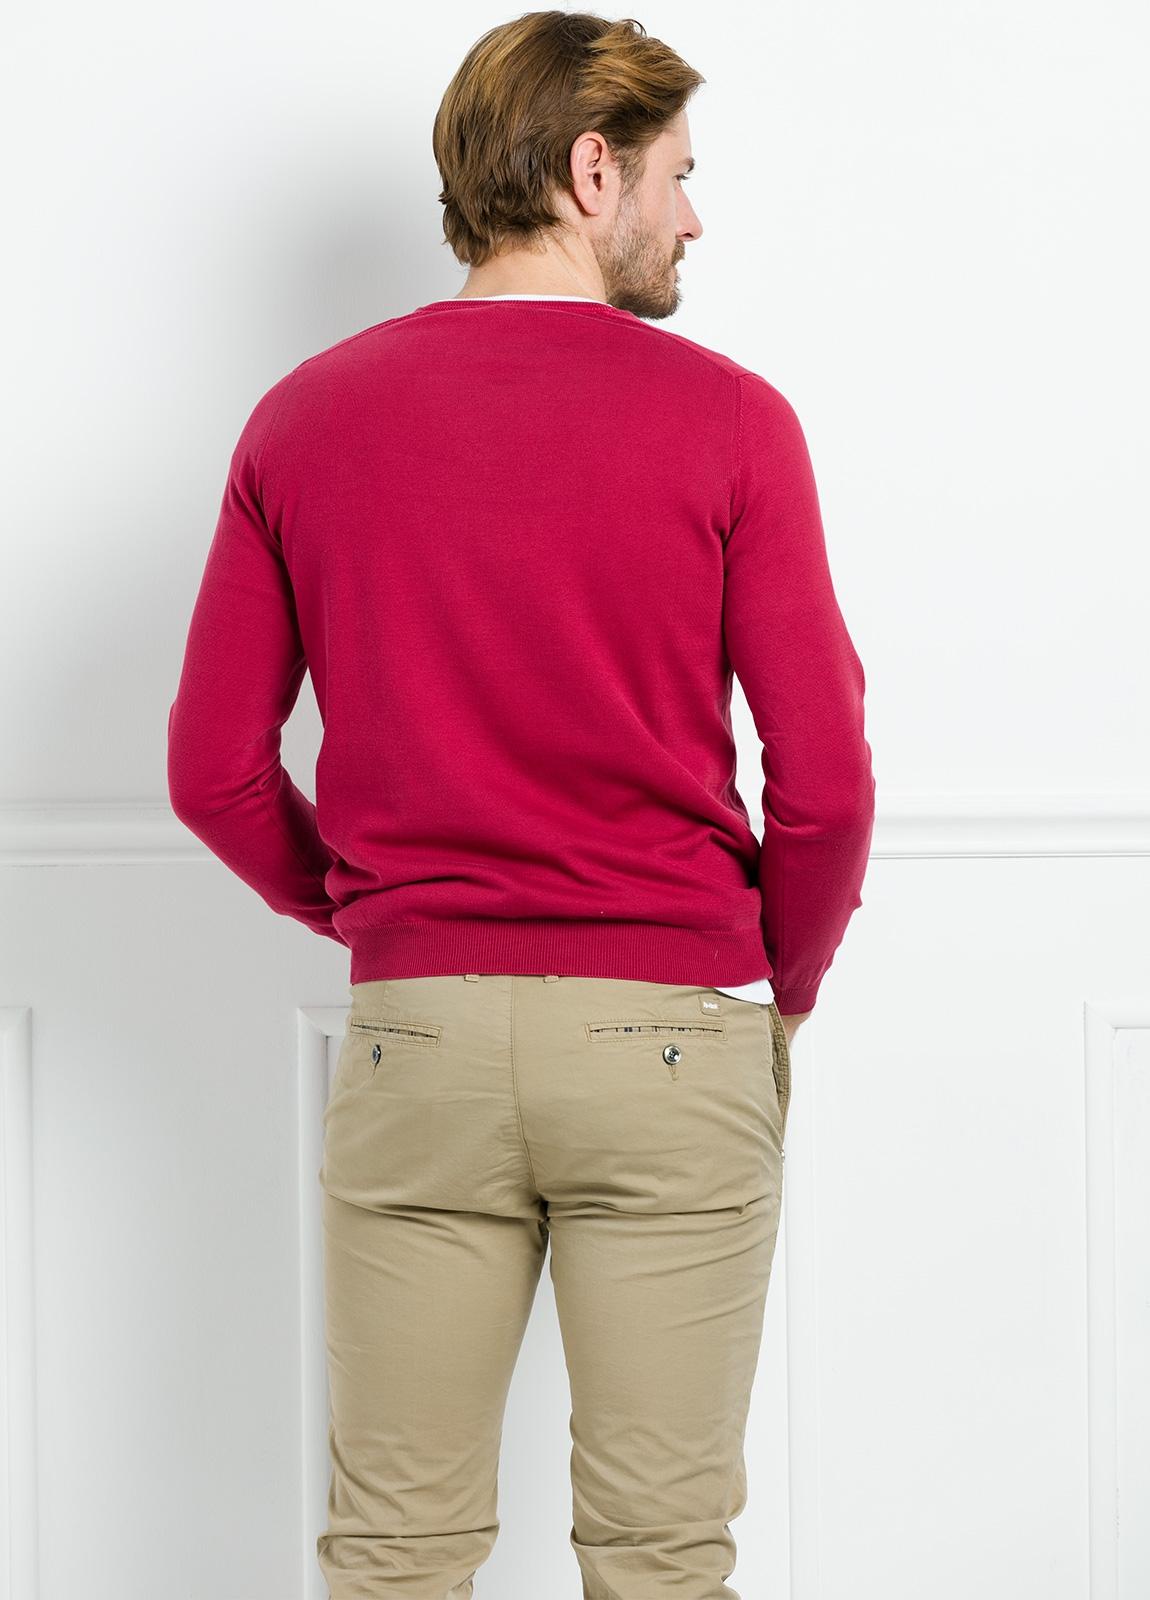 Jersey liso cuello pico color rojo. 100% Algodón lavado. - Ítem2